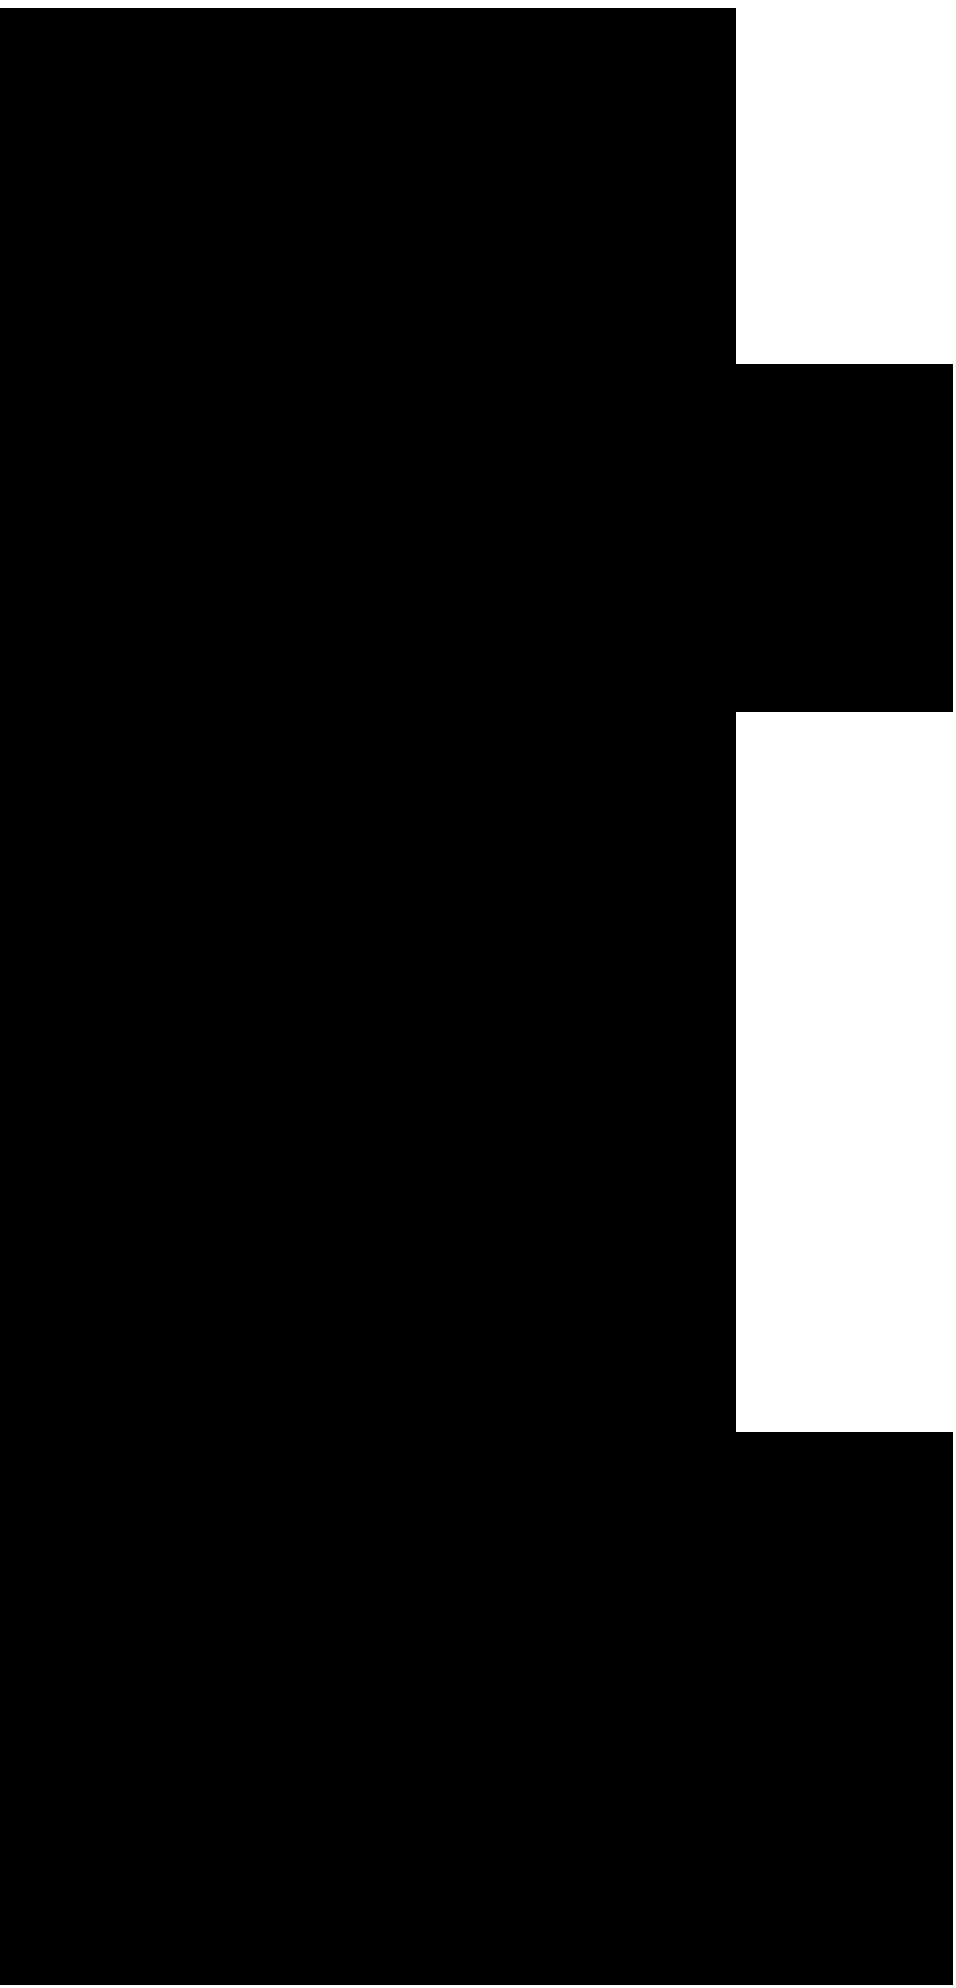 Herbal Alphabet - Garlic.png